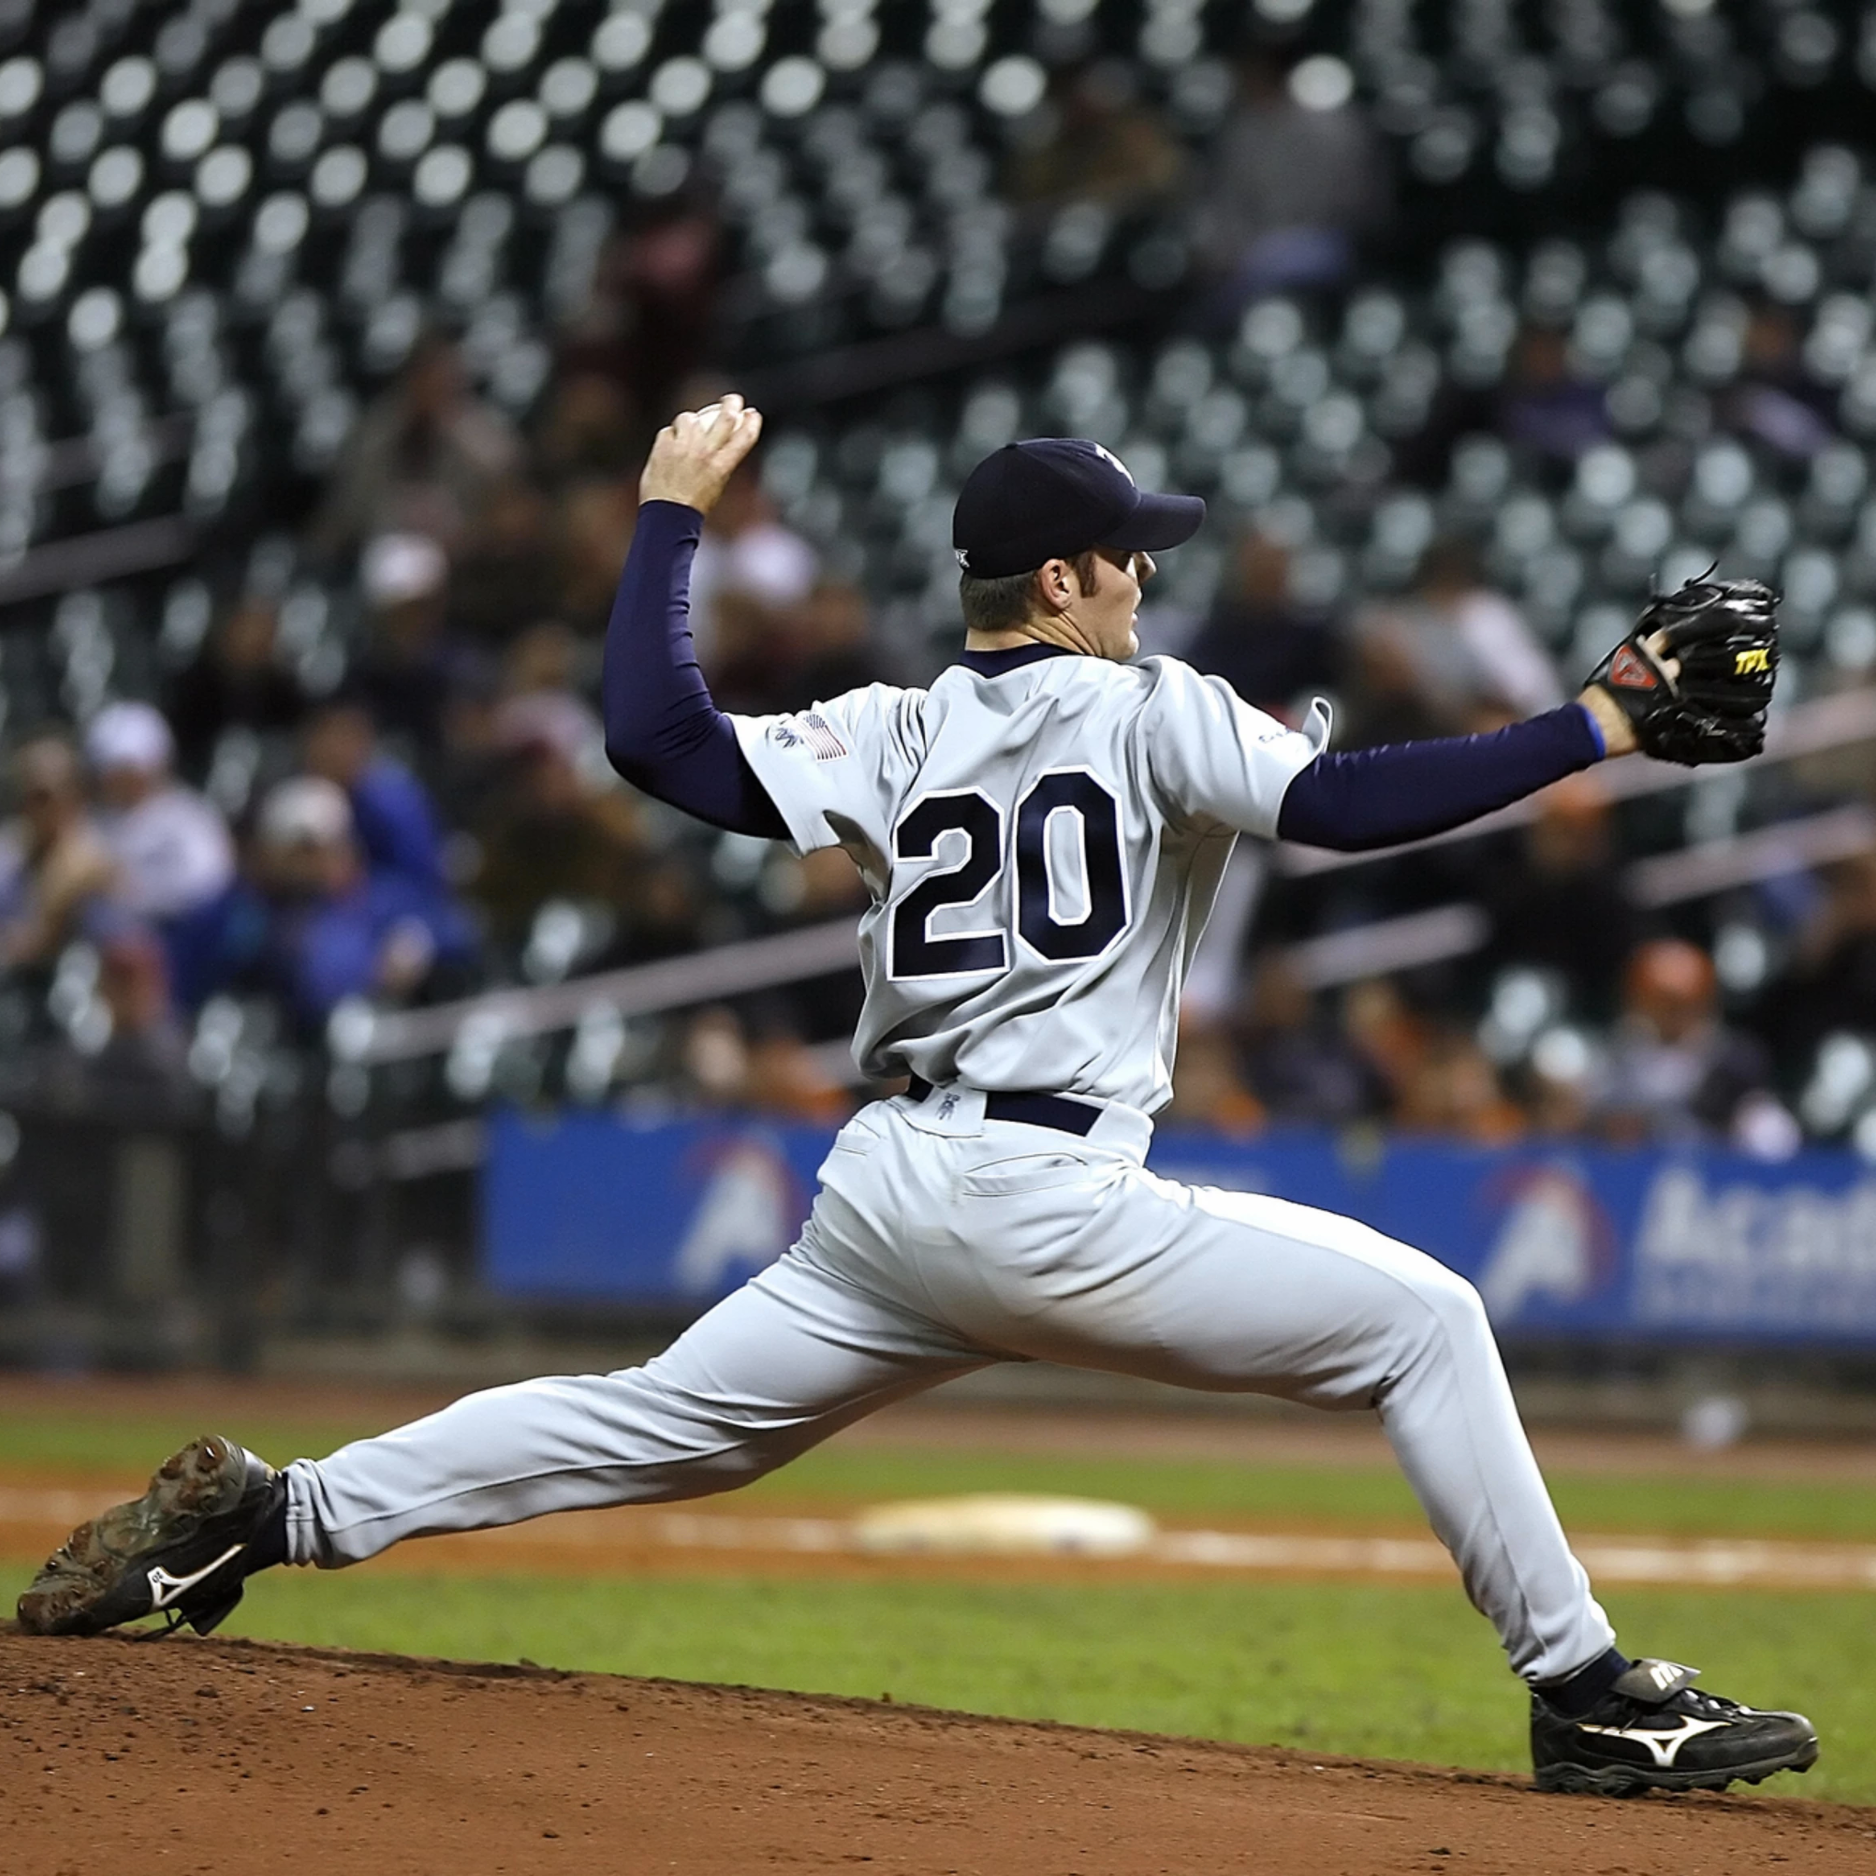 Baseball/Softball Performance Assessment